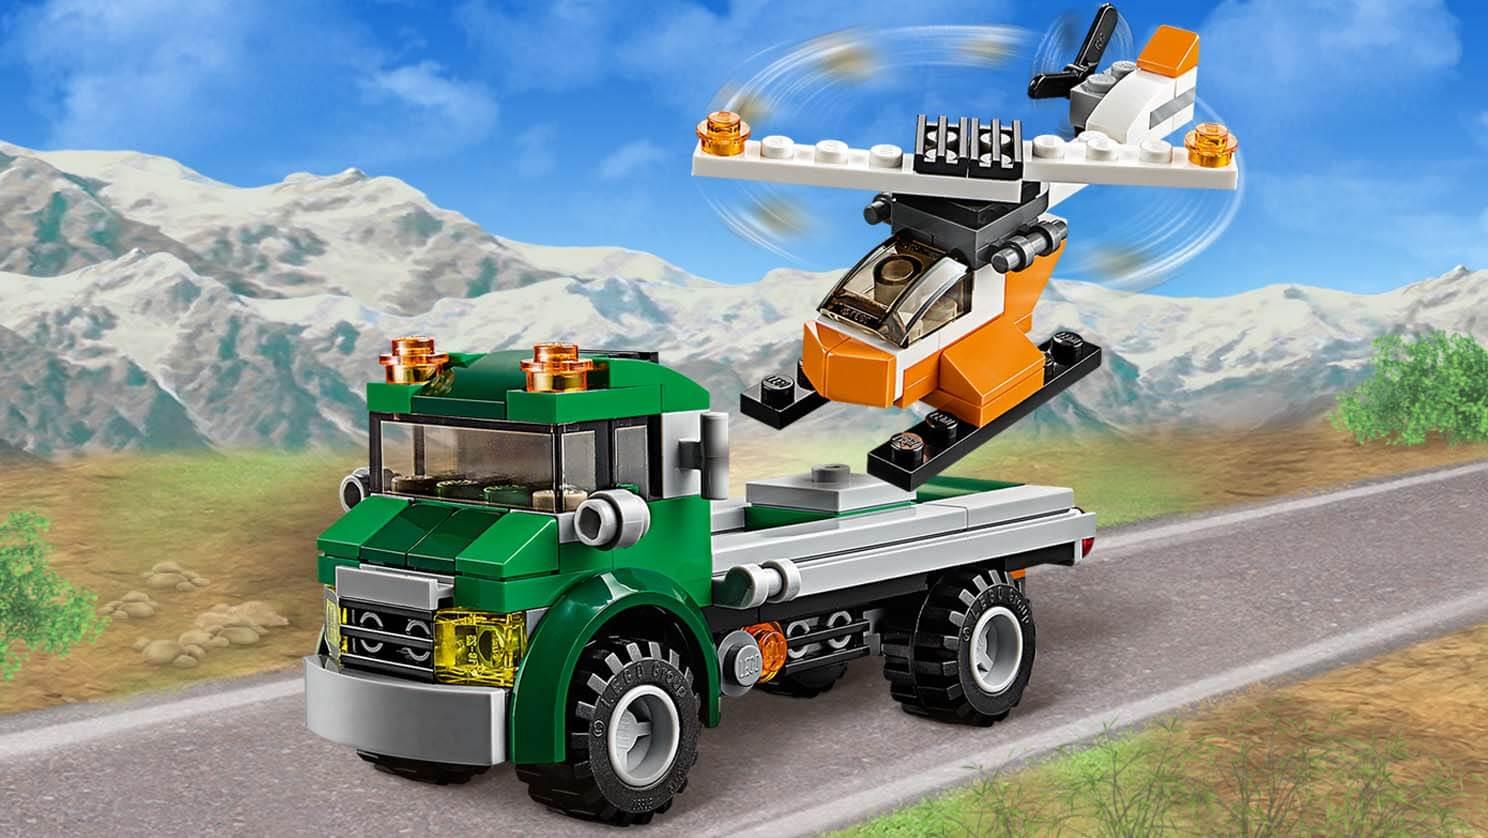 31043 Le transport de l'hélicoptère